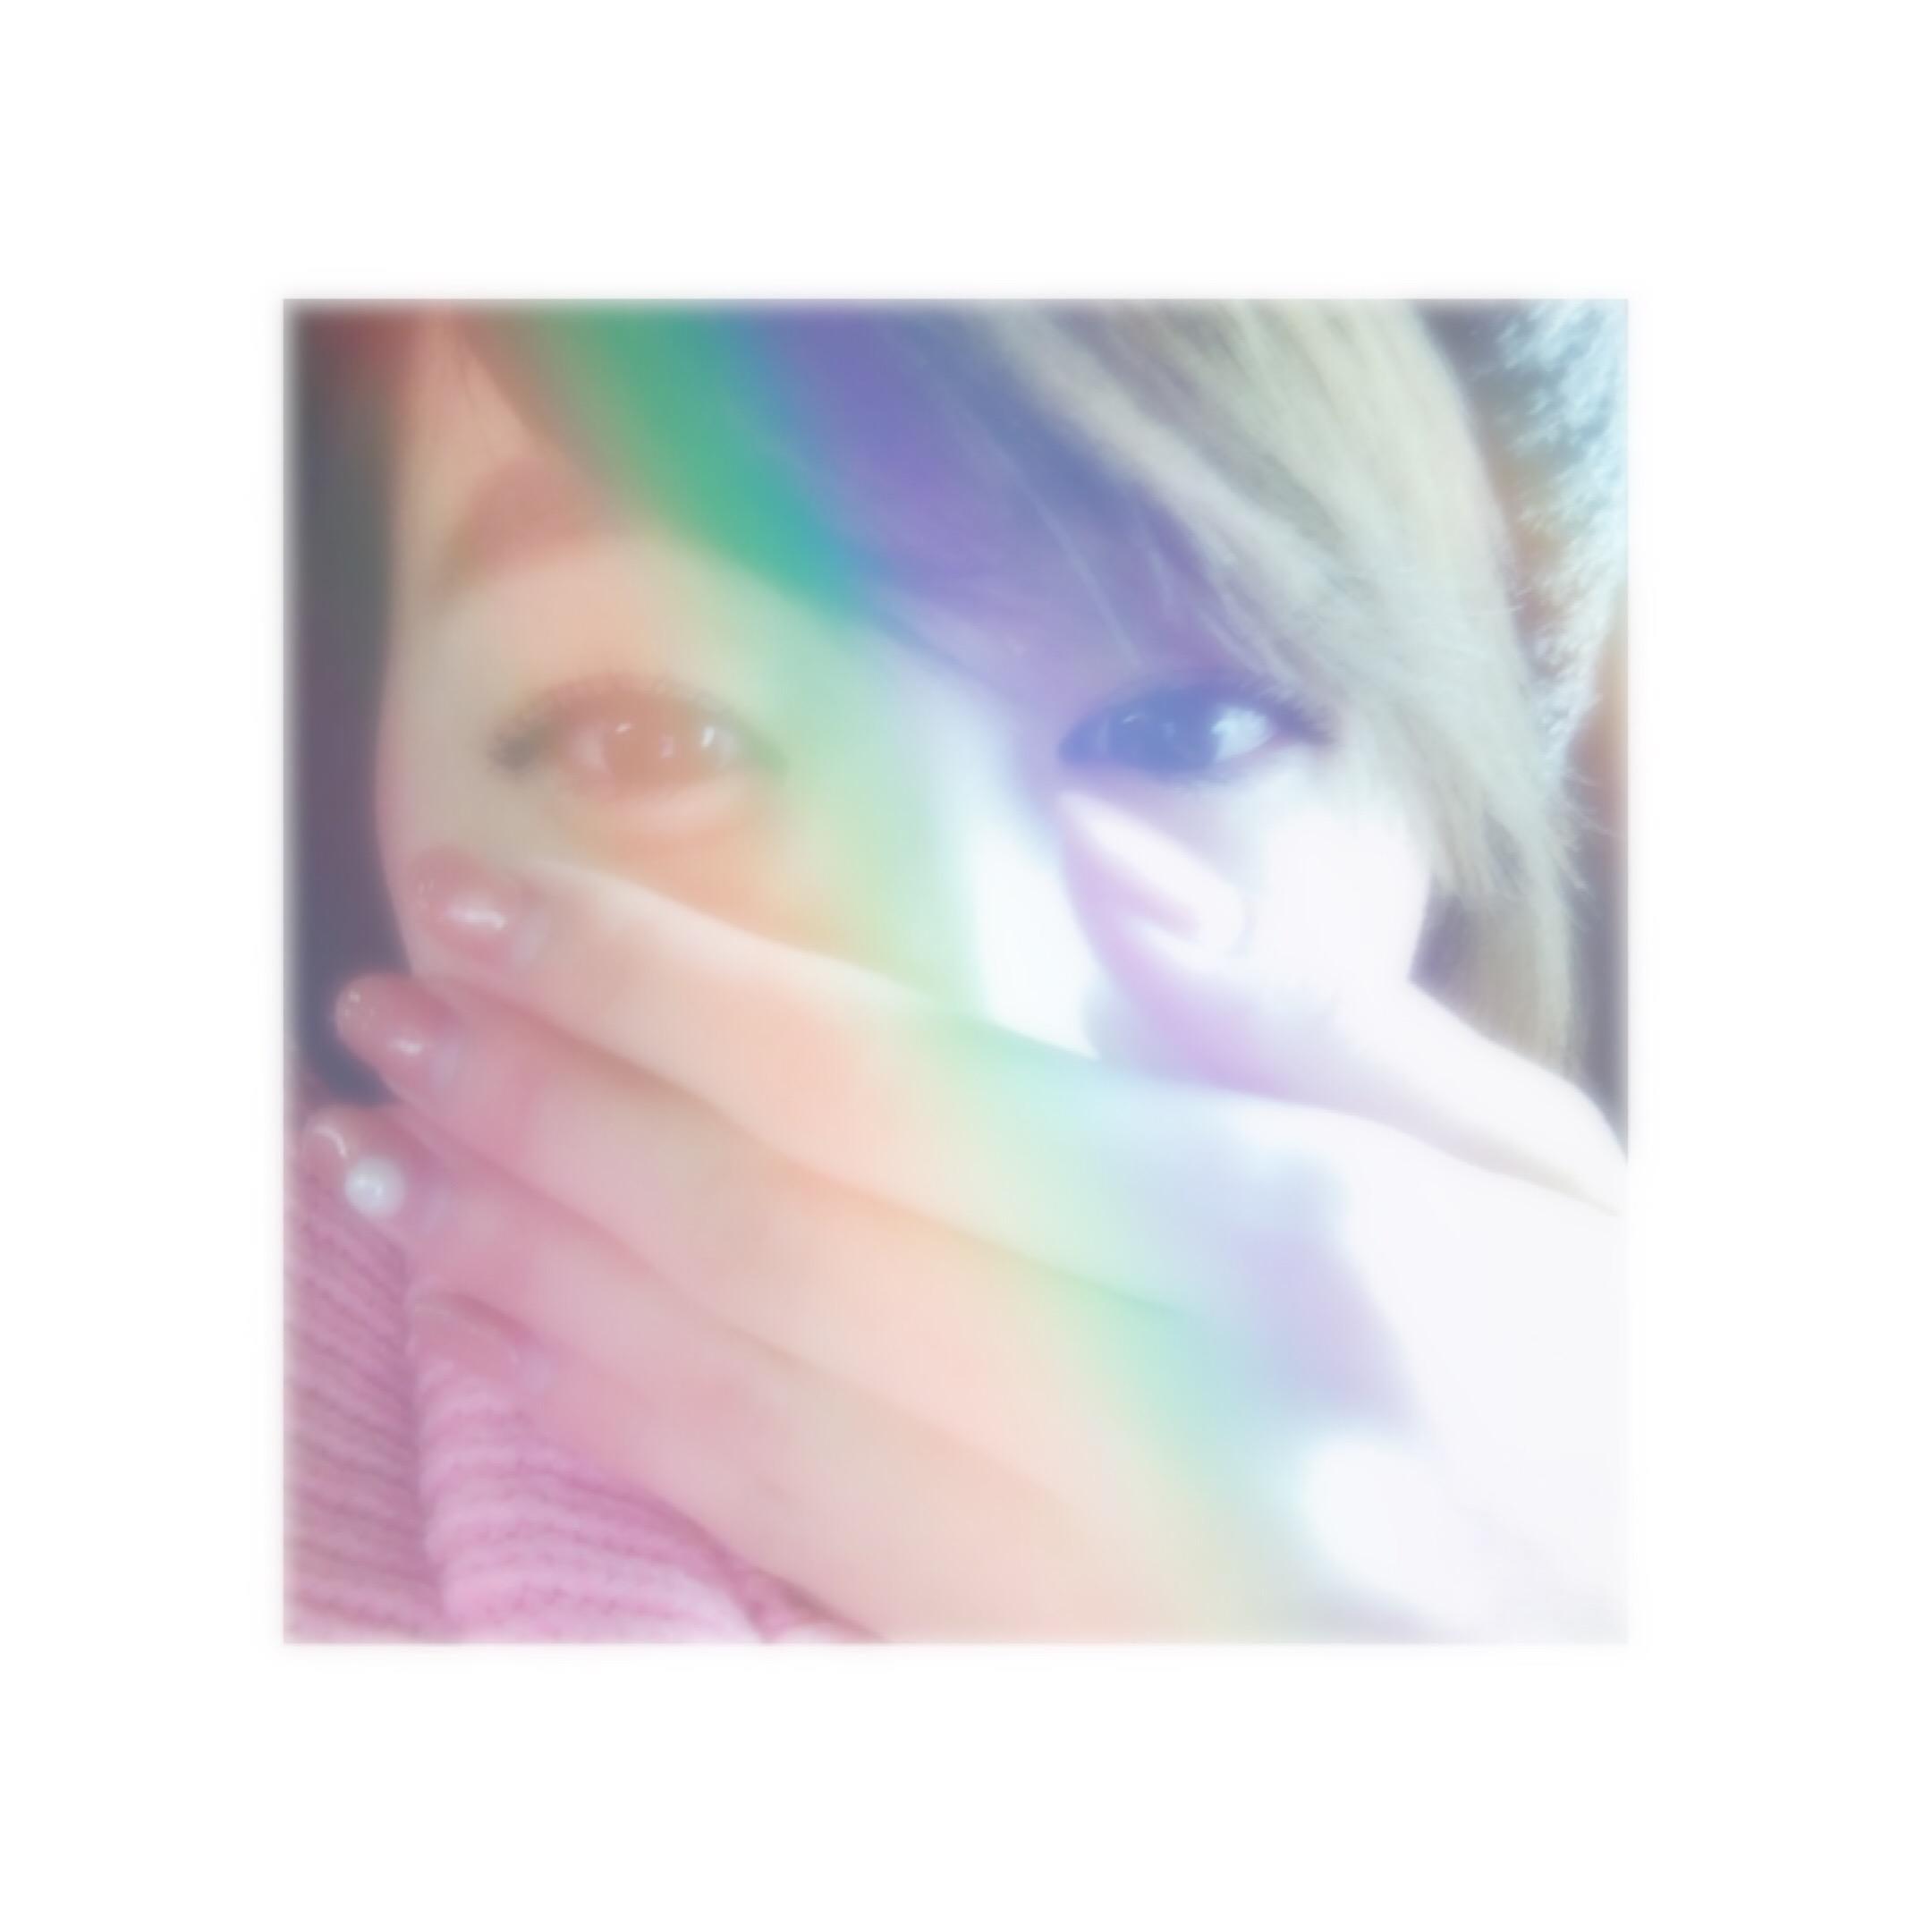 ひなの「うっひょー!」12/15(金) 20:12 | ひなのの写メ・風俗動画